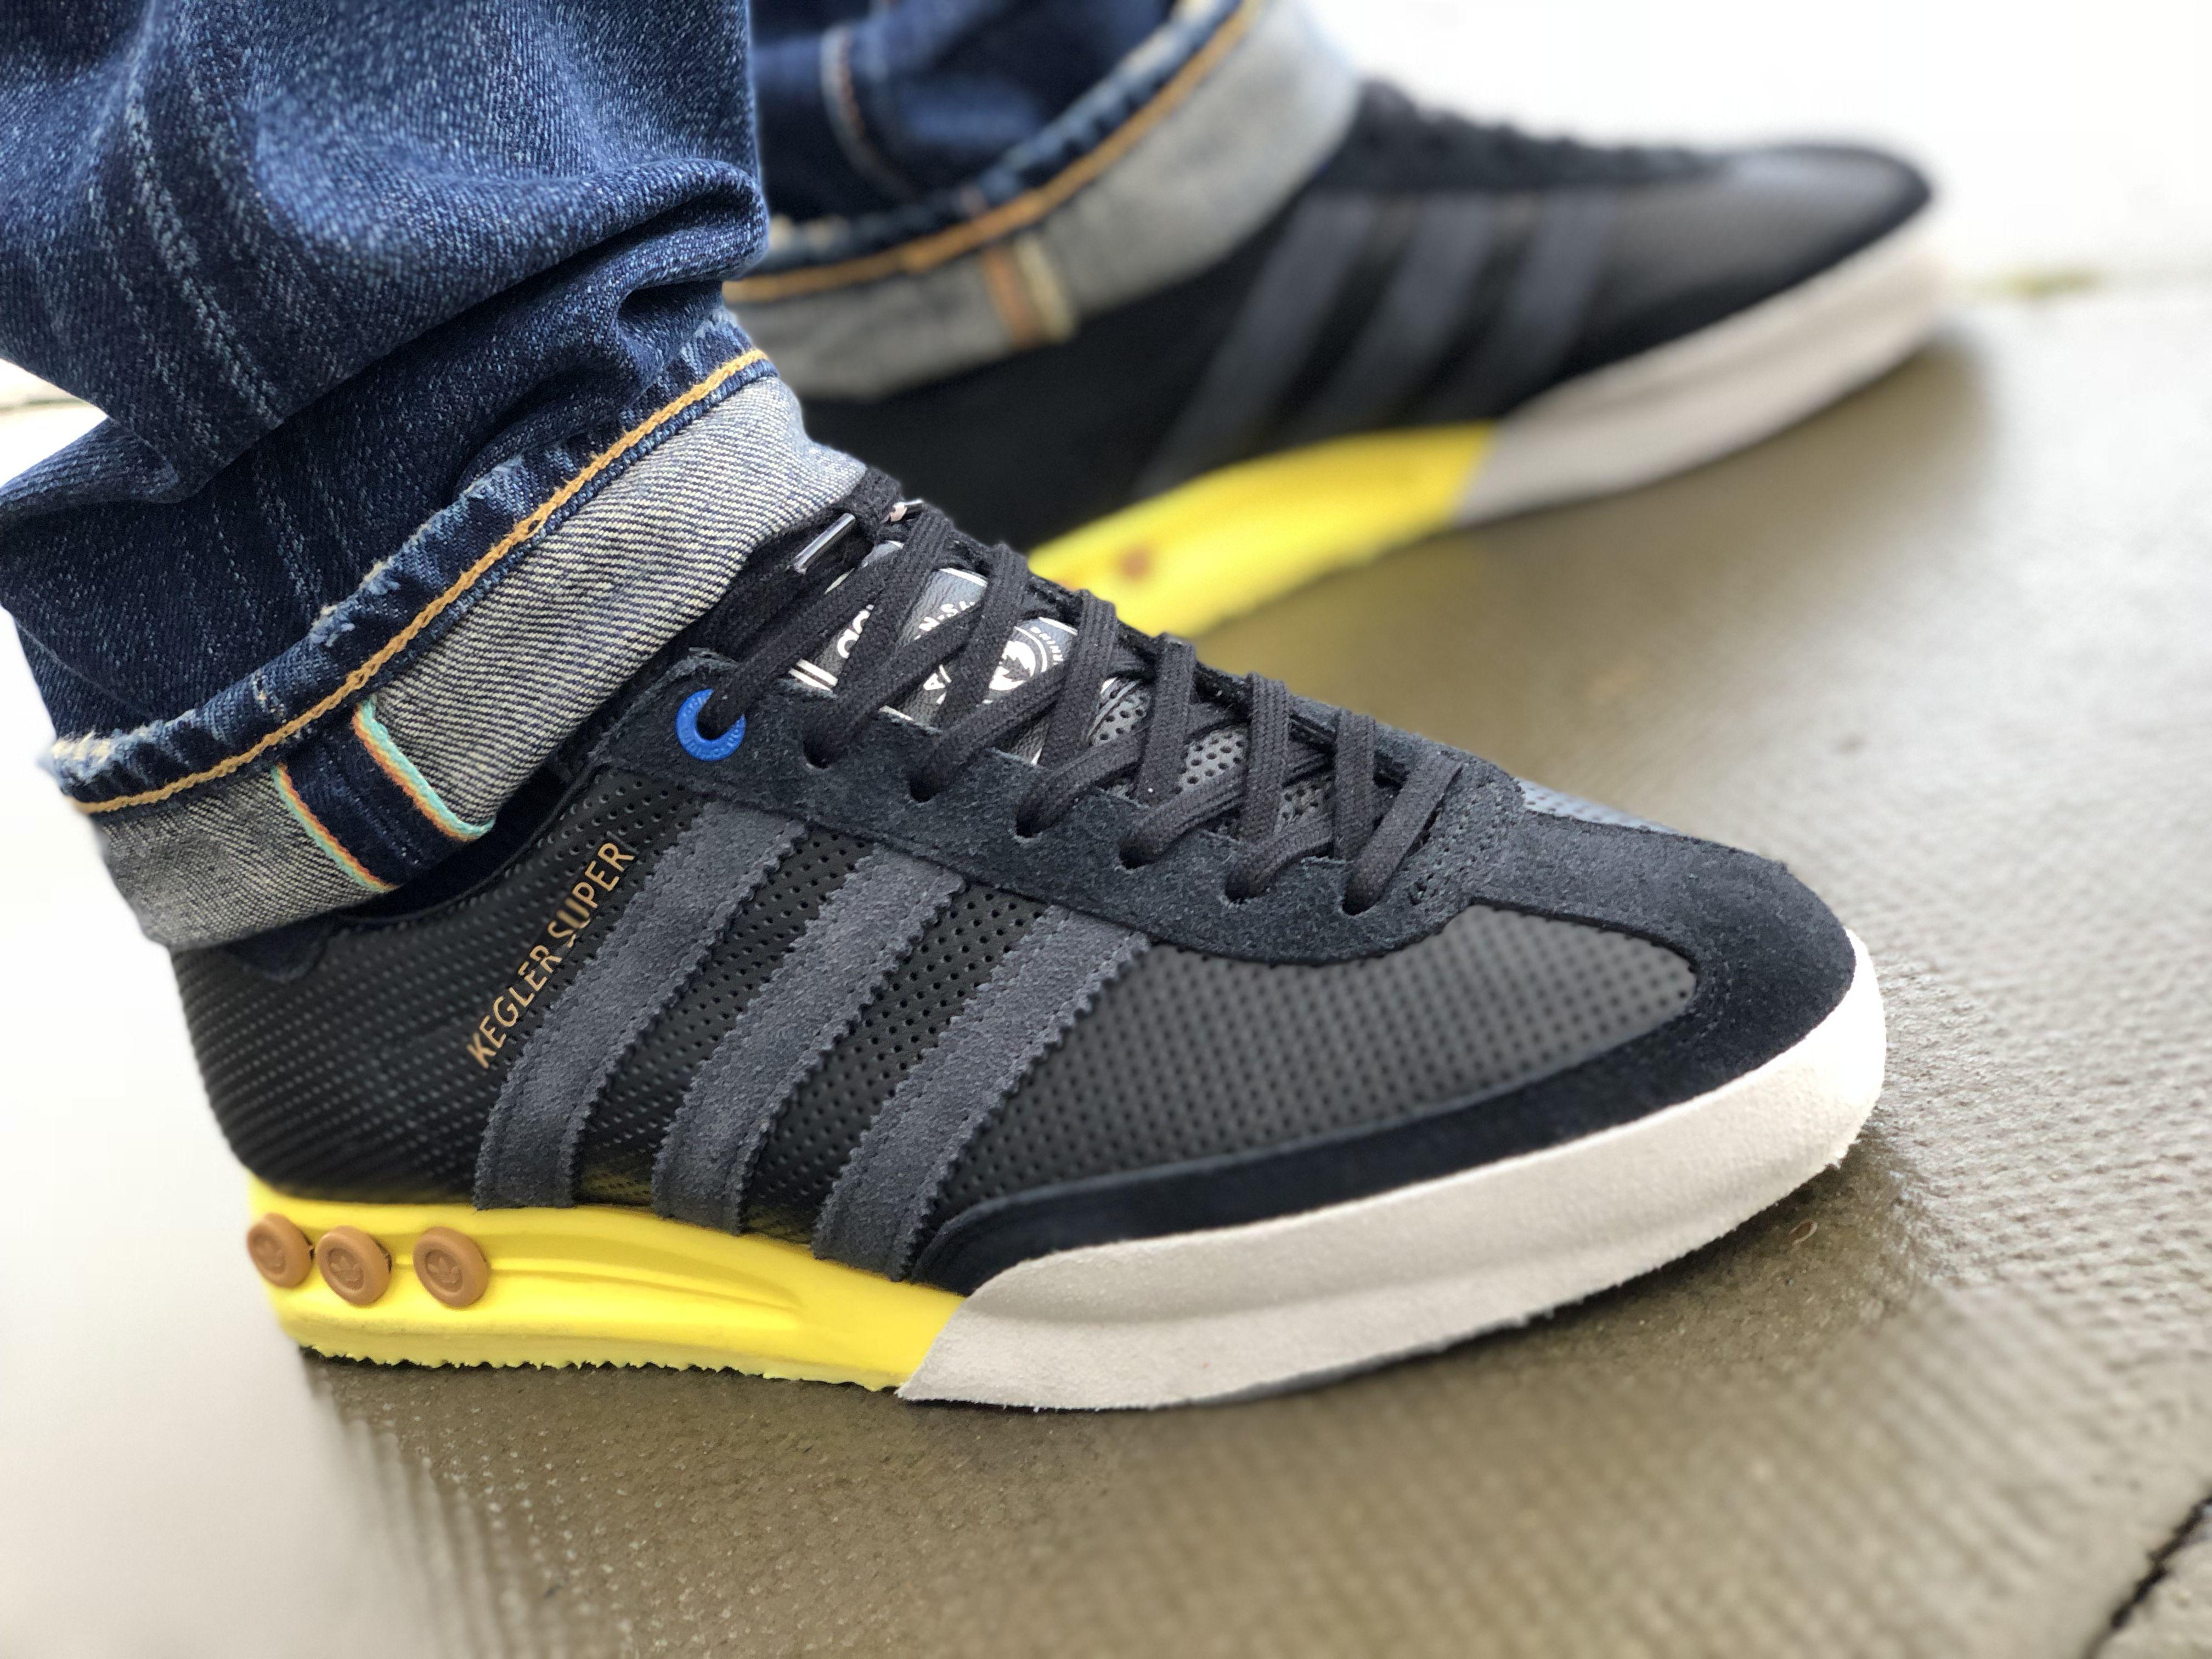 Adidas Kegler Super, Hanon, 1480 | shoes in 2019 | Adidas